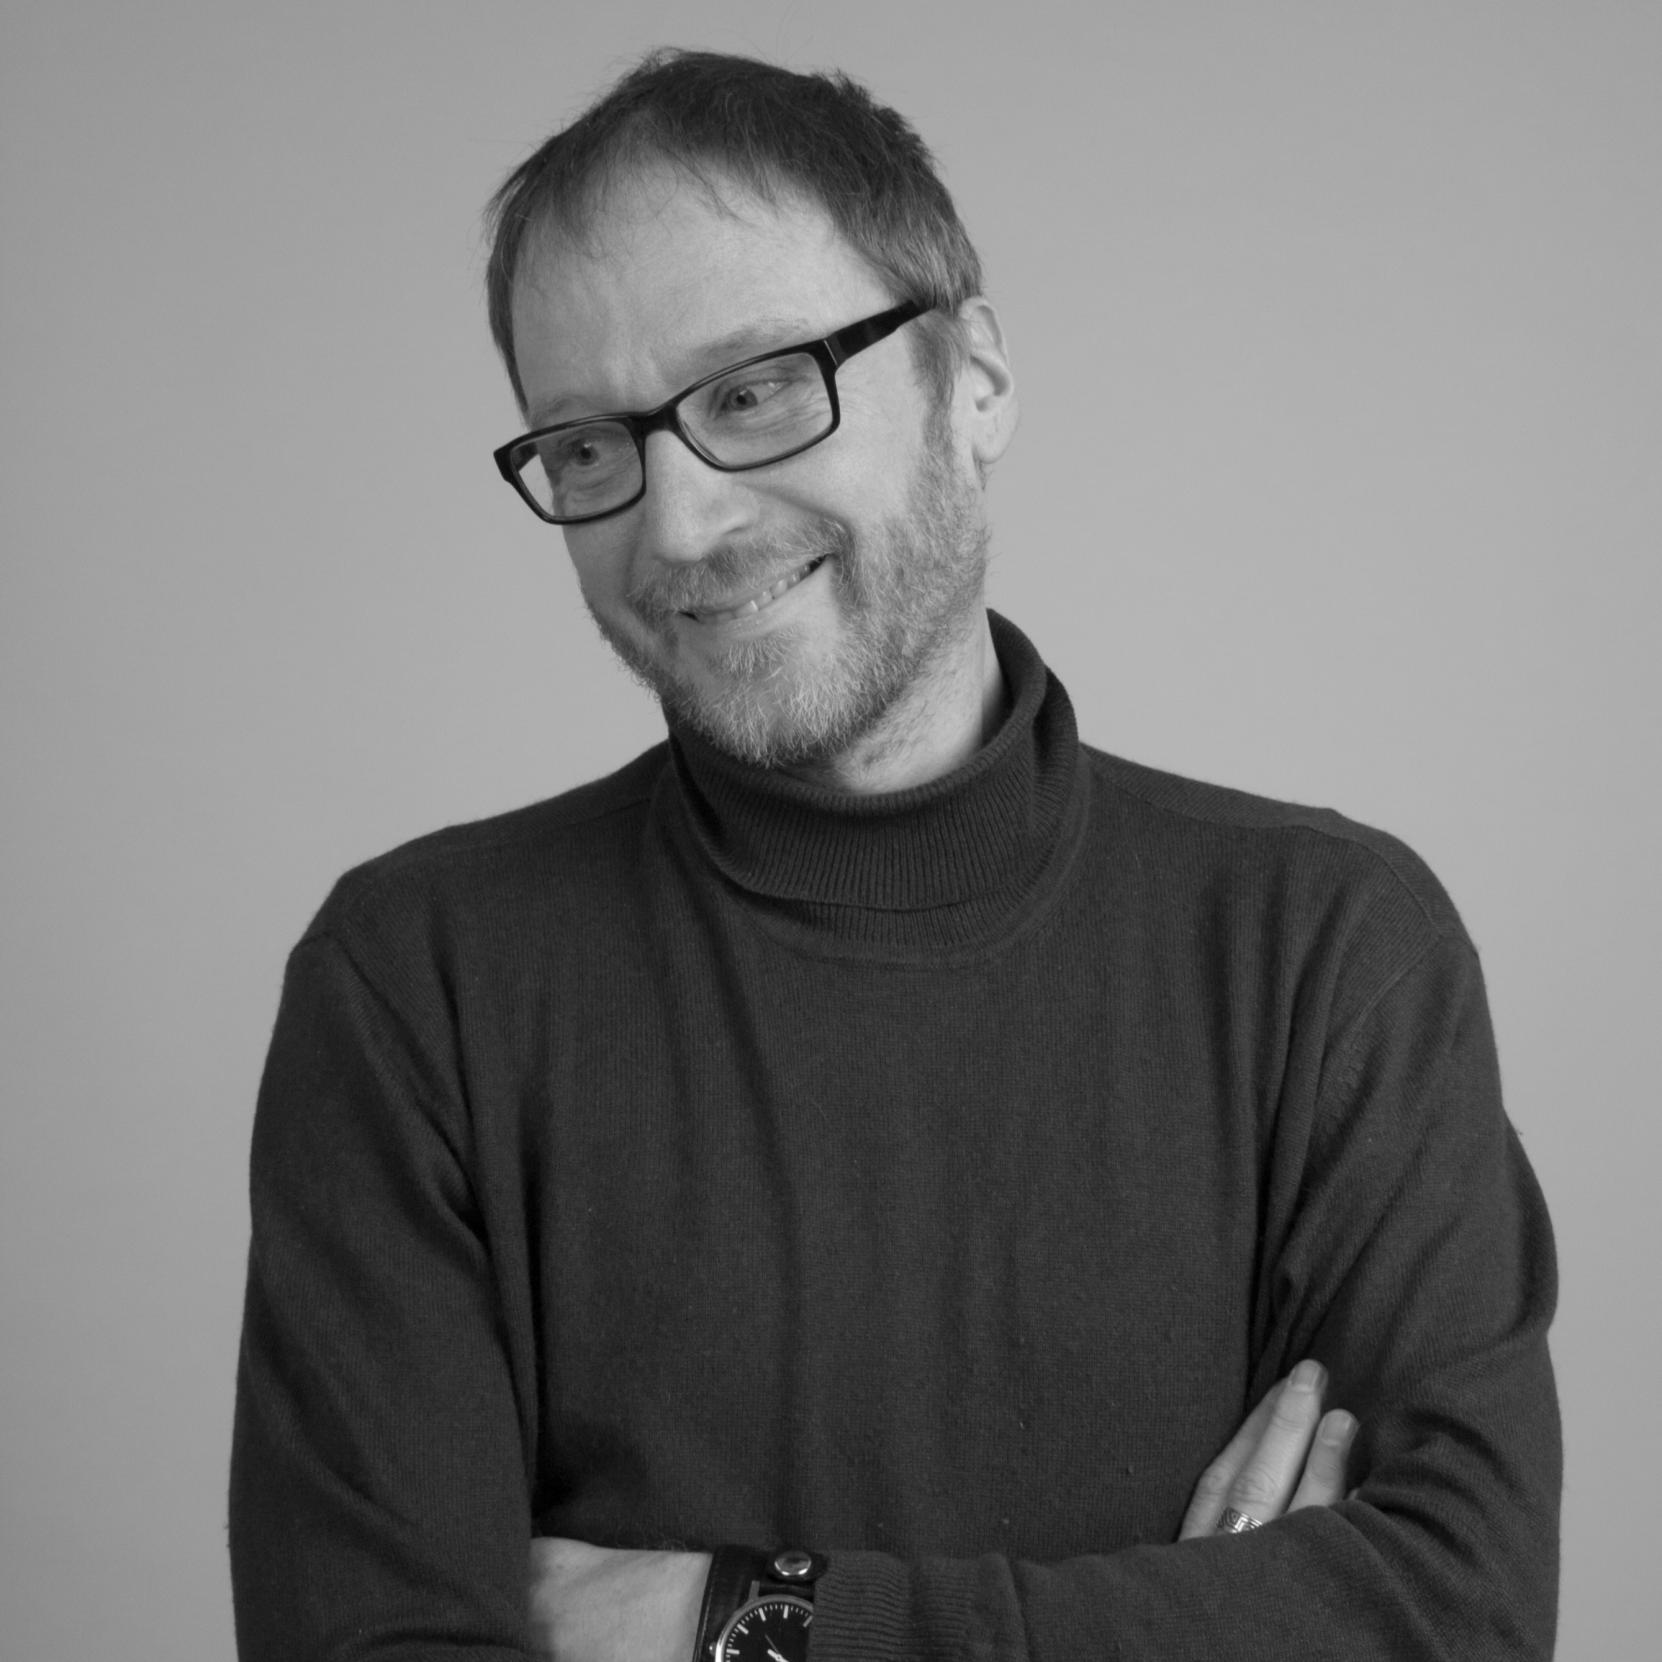 Martin Meng